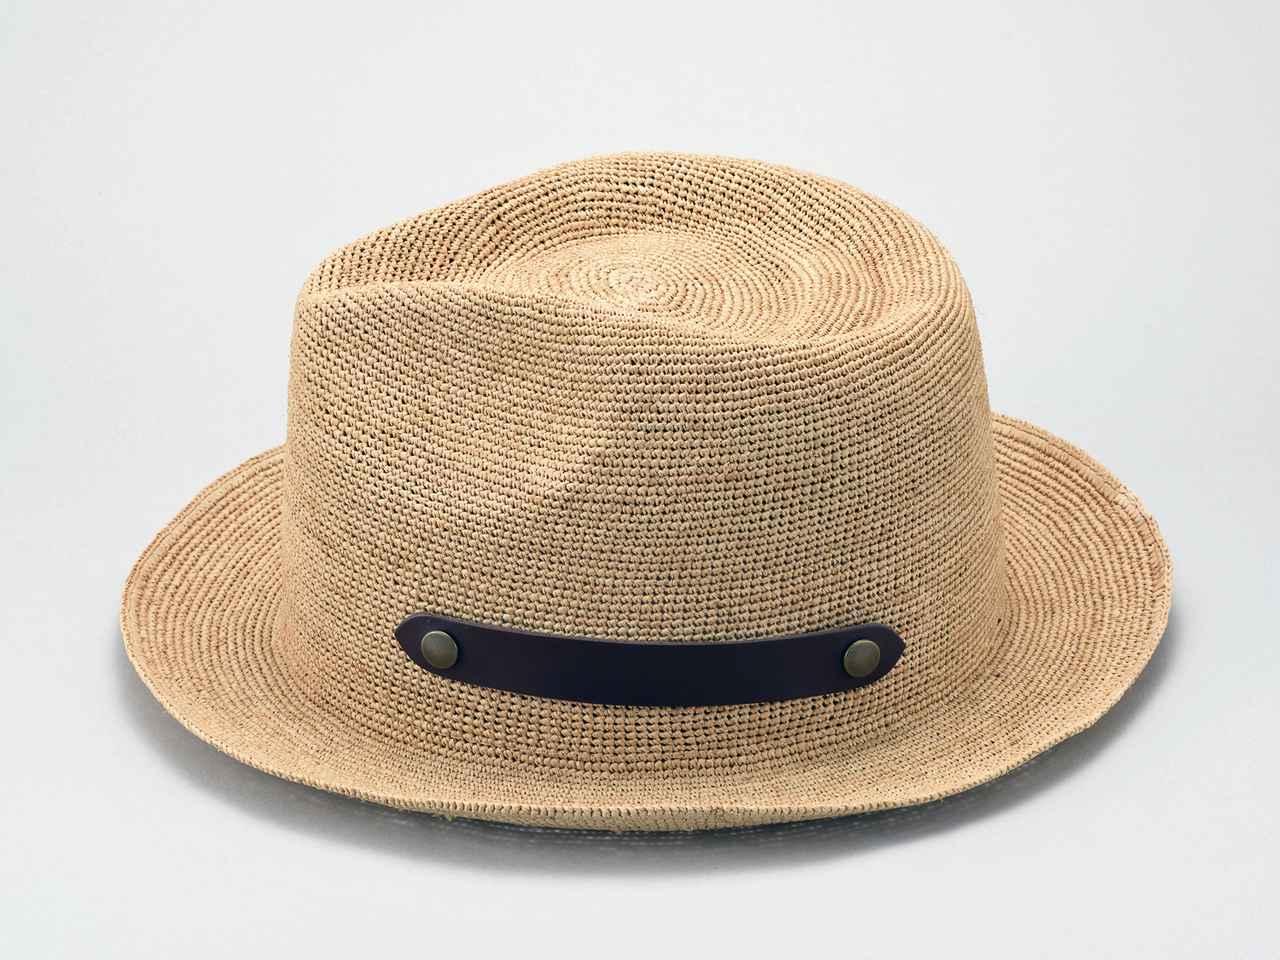 画像: サイドのベルトを外し、くるっとたたんだ帽子に巻きつけ、スナップでとめれば帽子が広がらずコンパクトに持ち運びできる。